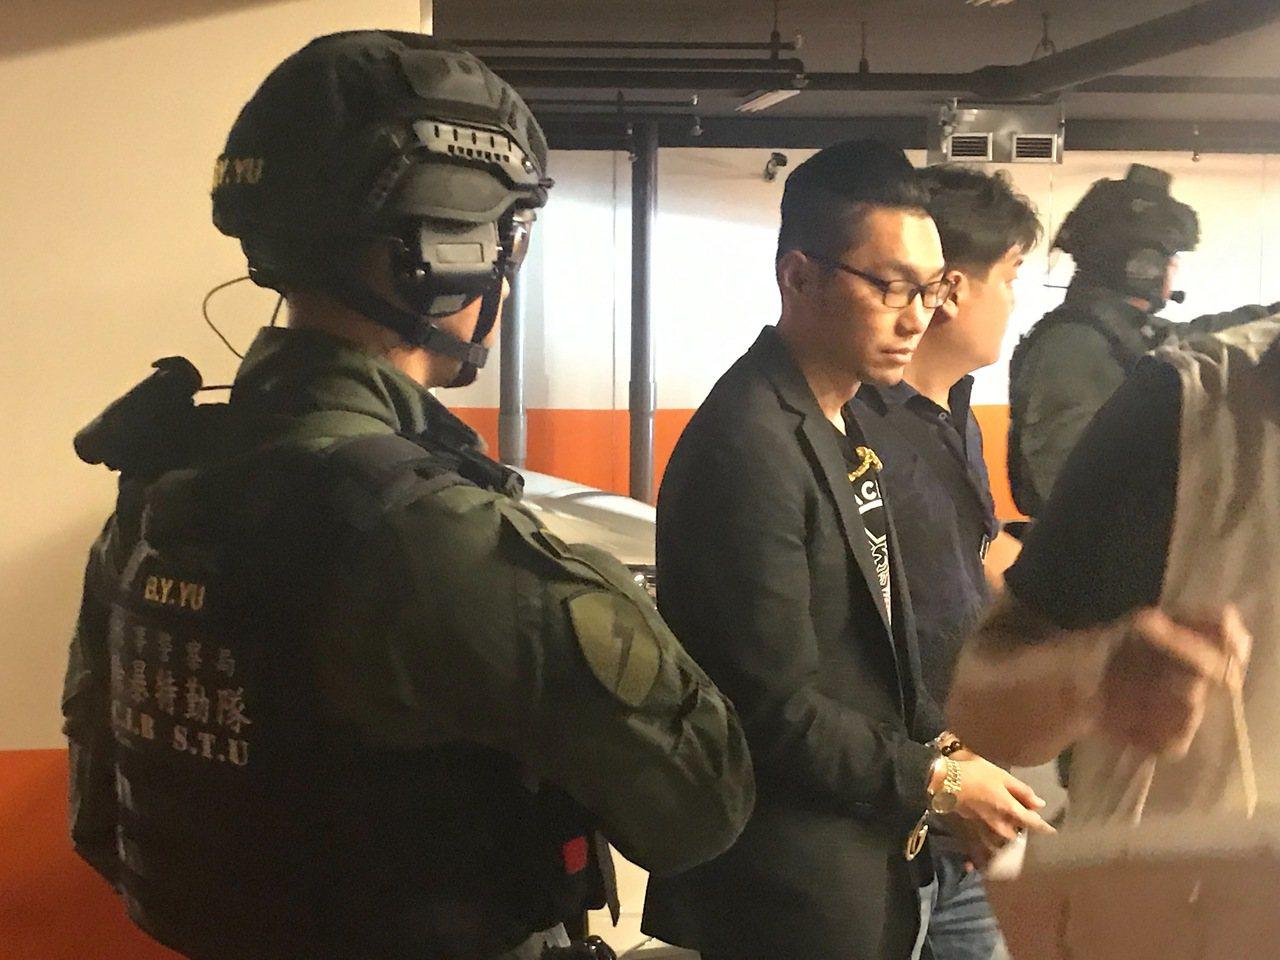 網紅直播主連千毅今天下午在新北市被捕。記者林保光/翻攝